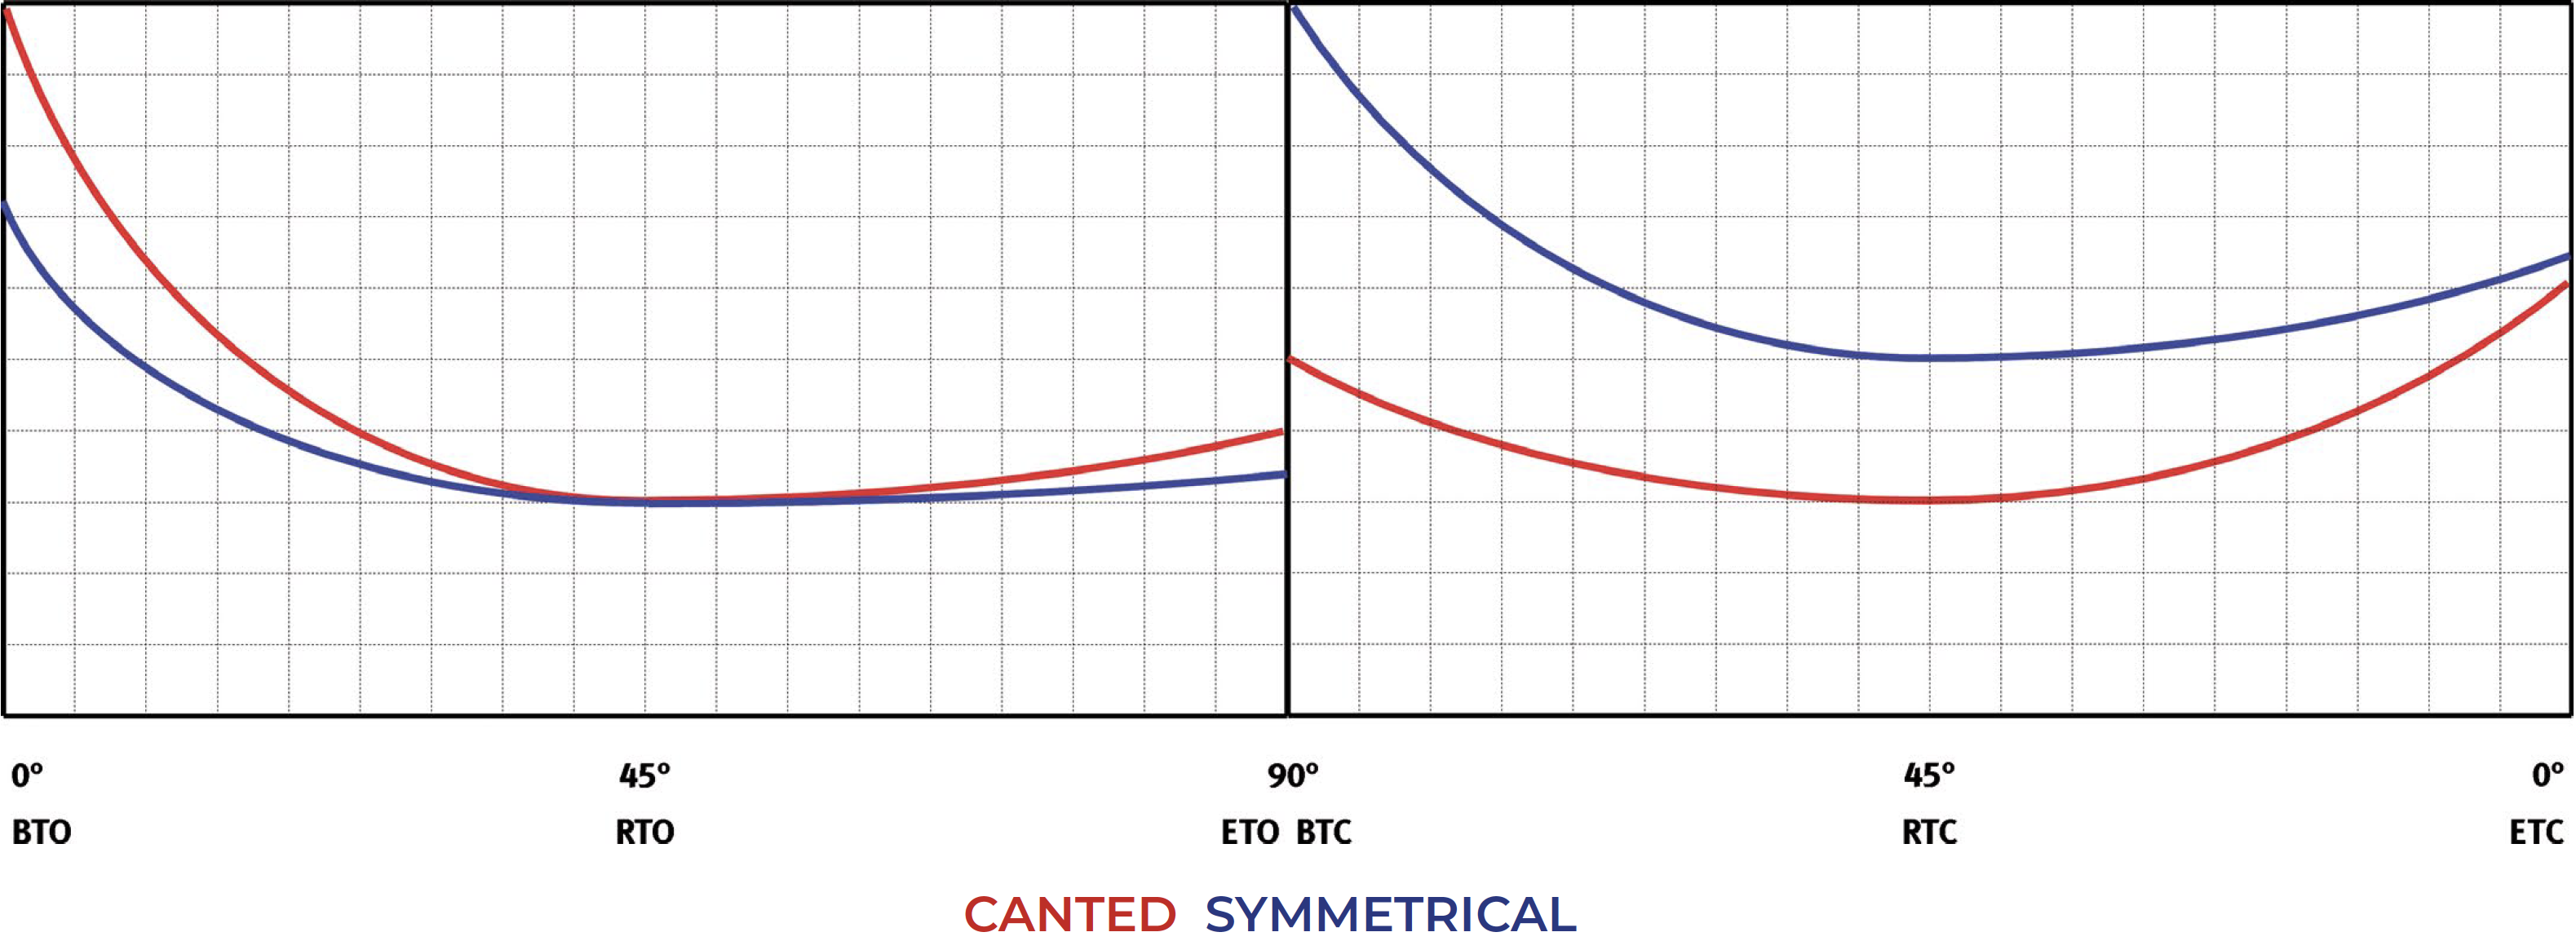 Attuatore pneumatico semplice effetto GS Heavy Duty acciaio carbonio - diagrammi e coppie di spunto - Semplice Effetto Normalmente Chiuso – Tabella coppie (momenti torcenti)